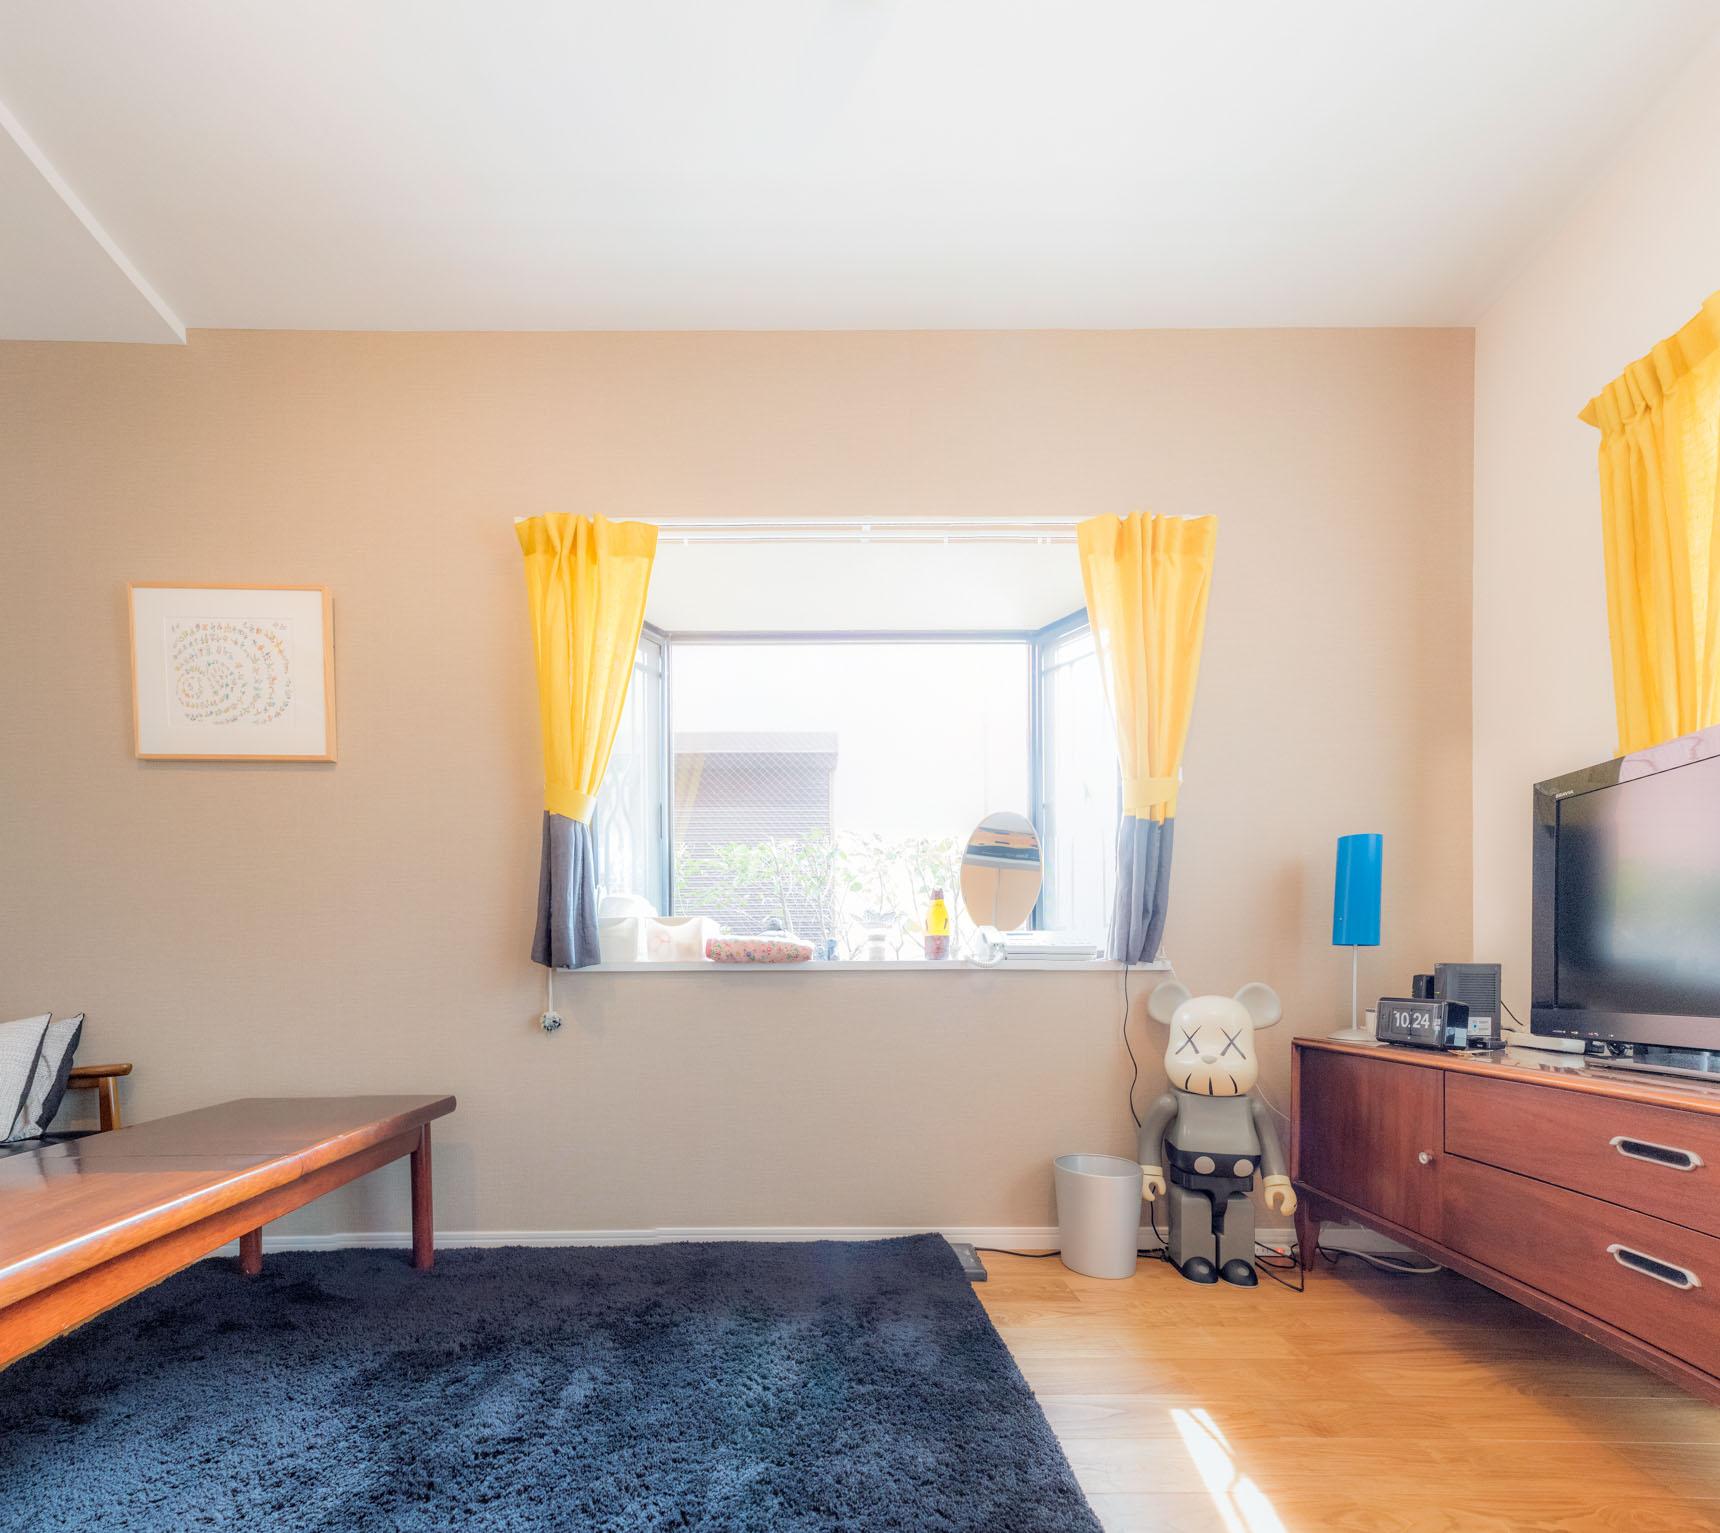 この部屋のかっこよさの秘密の一つはこのカーテンに代表されるようなポップな色使いにあると思った。